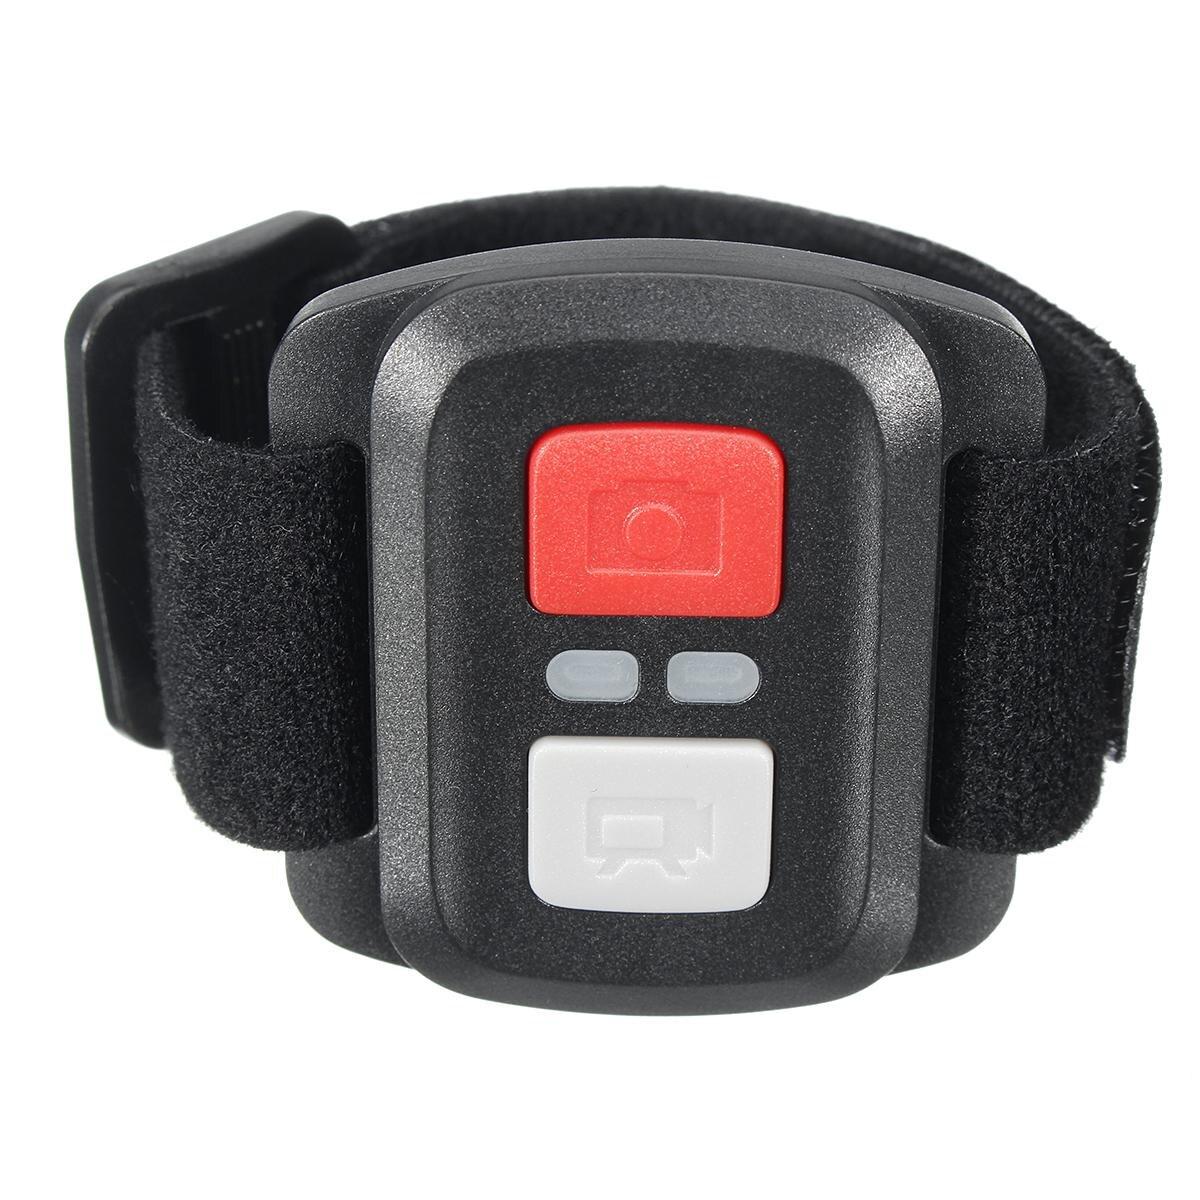 2,4G Fernbedienung Kunststoff Schwarz Unterstützung für EKEN H9R/H9R plus/H6S/H8RPlus Wasserdichte Sport Kamera action Kamera Zubehör